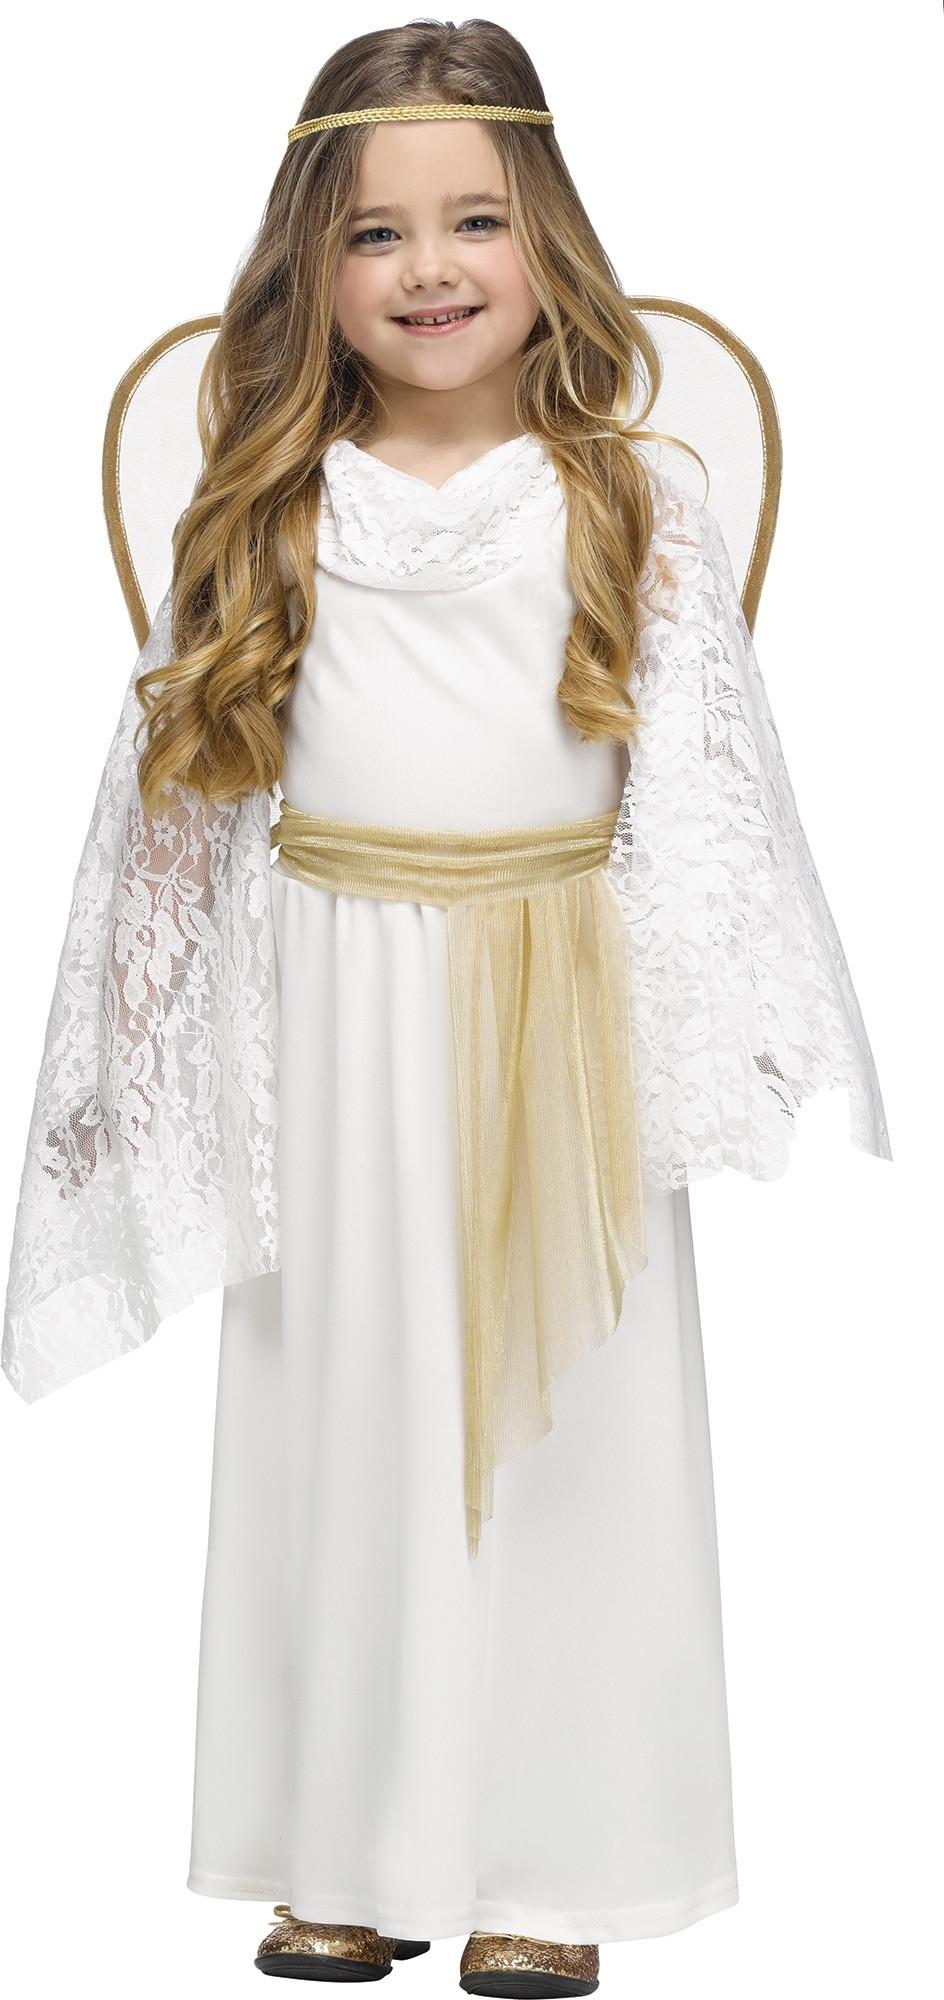 Детский костюм для малышки Ангела (22-24) детский костюм чемпиона боксера 22